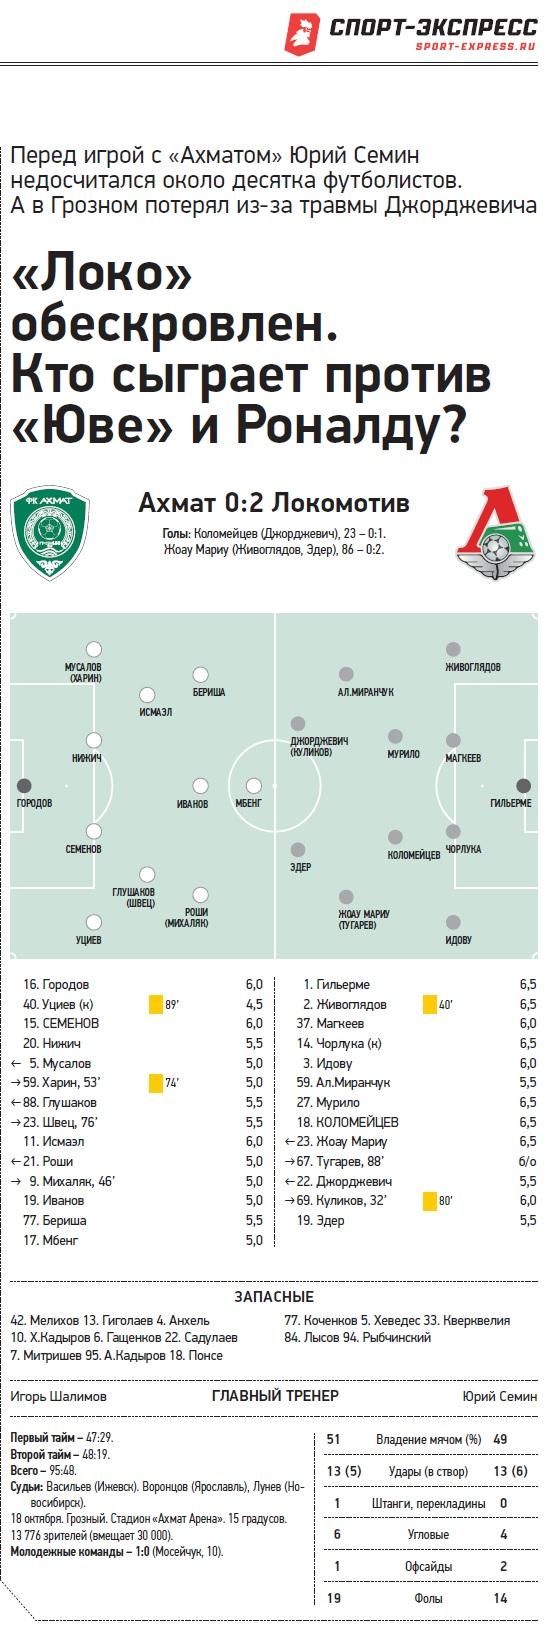 Ахмат (Грозный) - Локомотив (Москва) 0:2